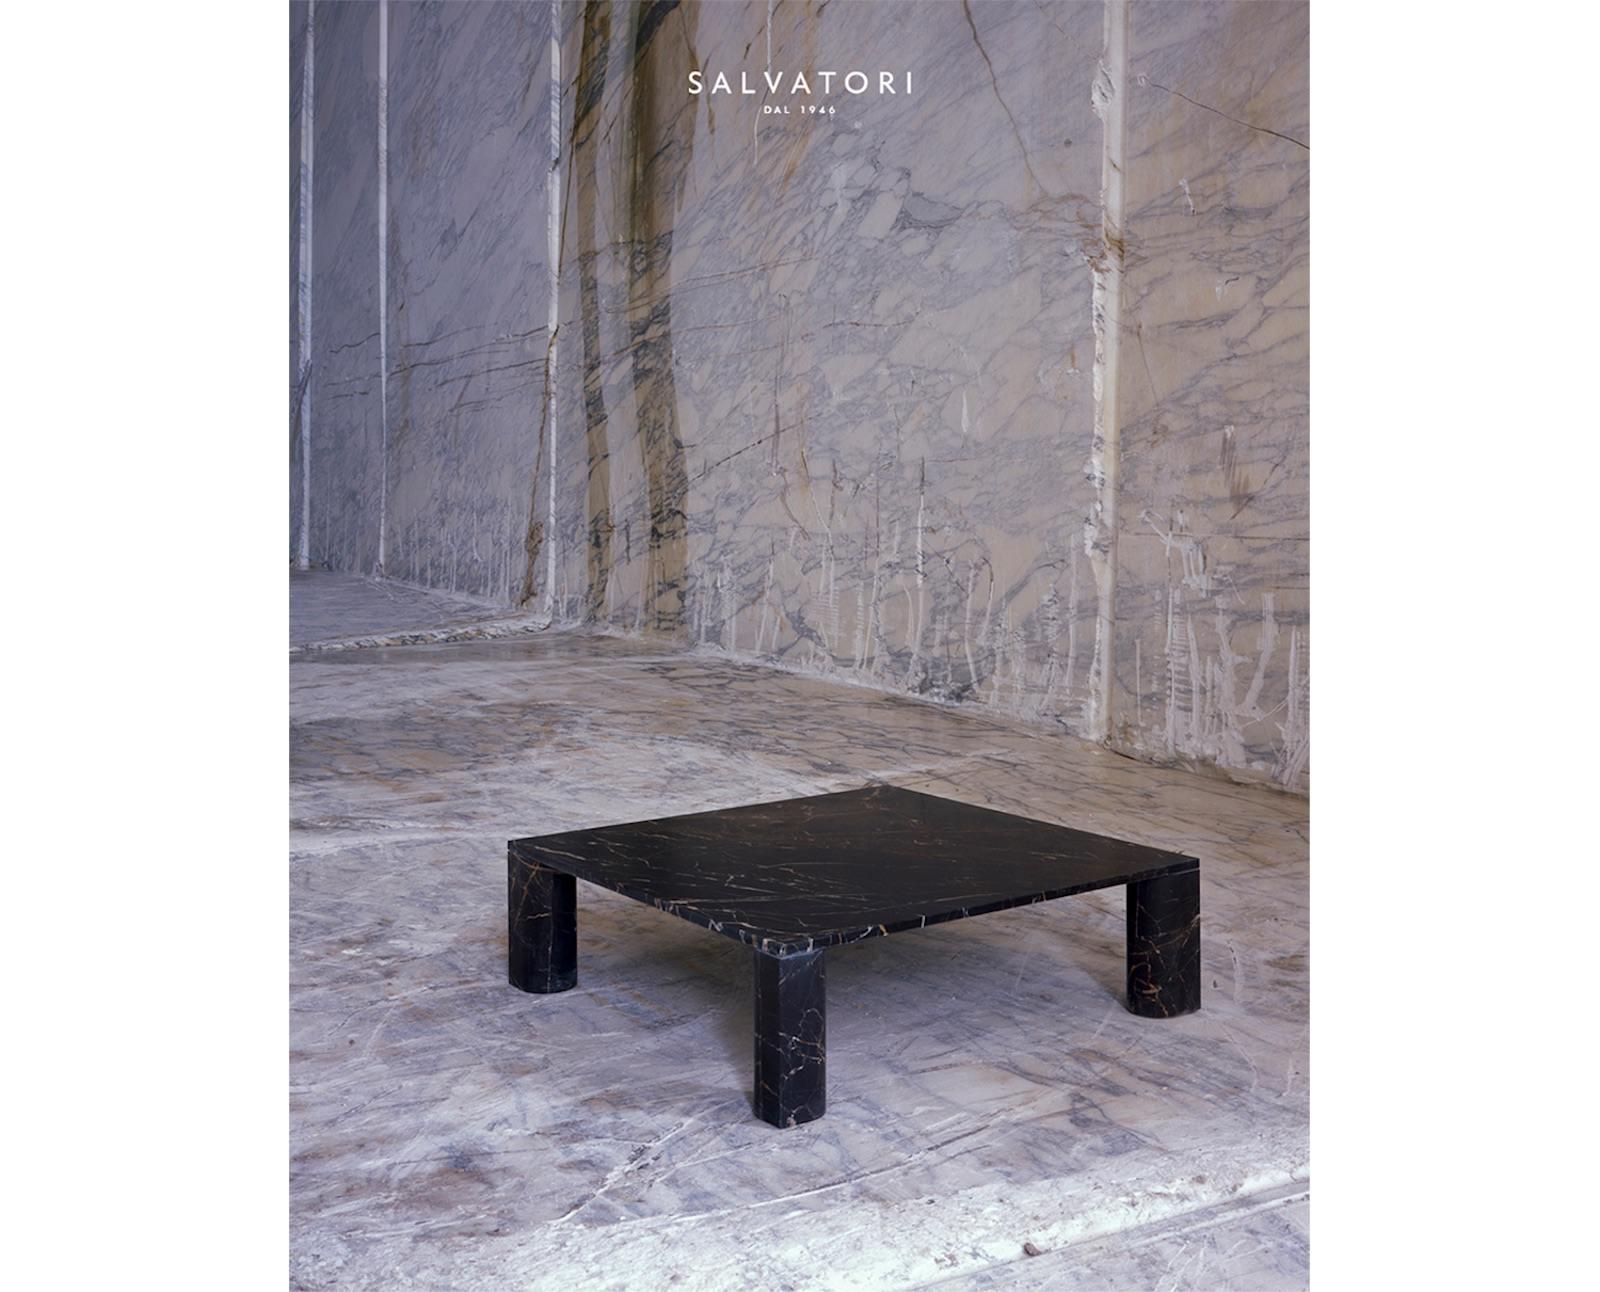 IGNANT-Design-Gabriele-Salvatori-Collaborations-01